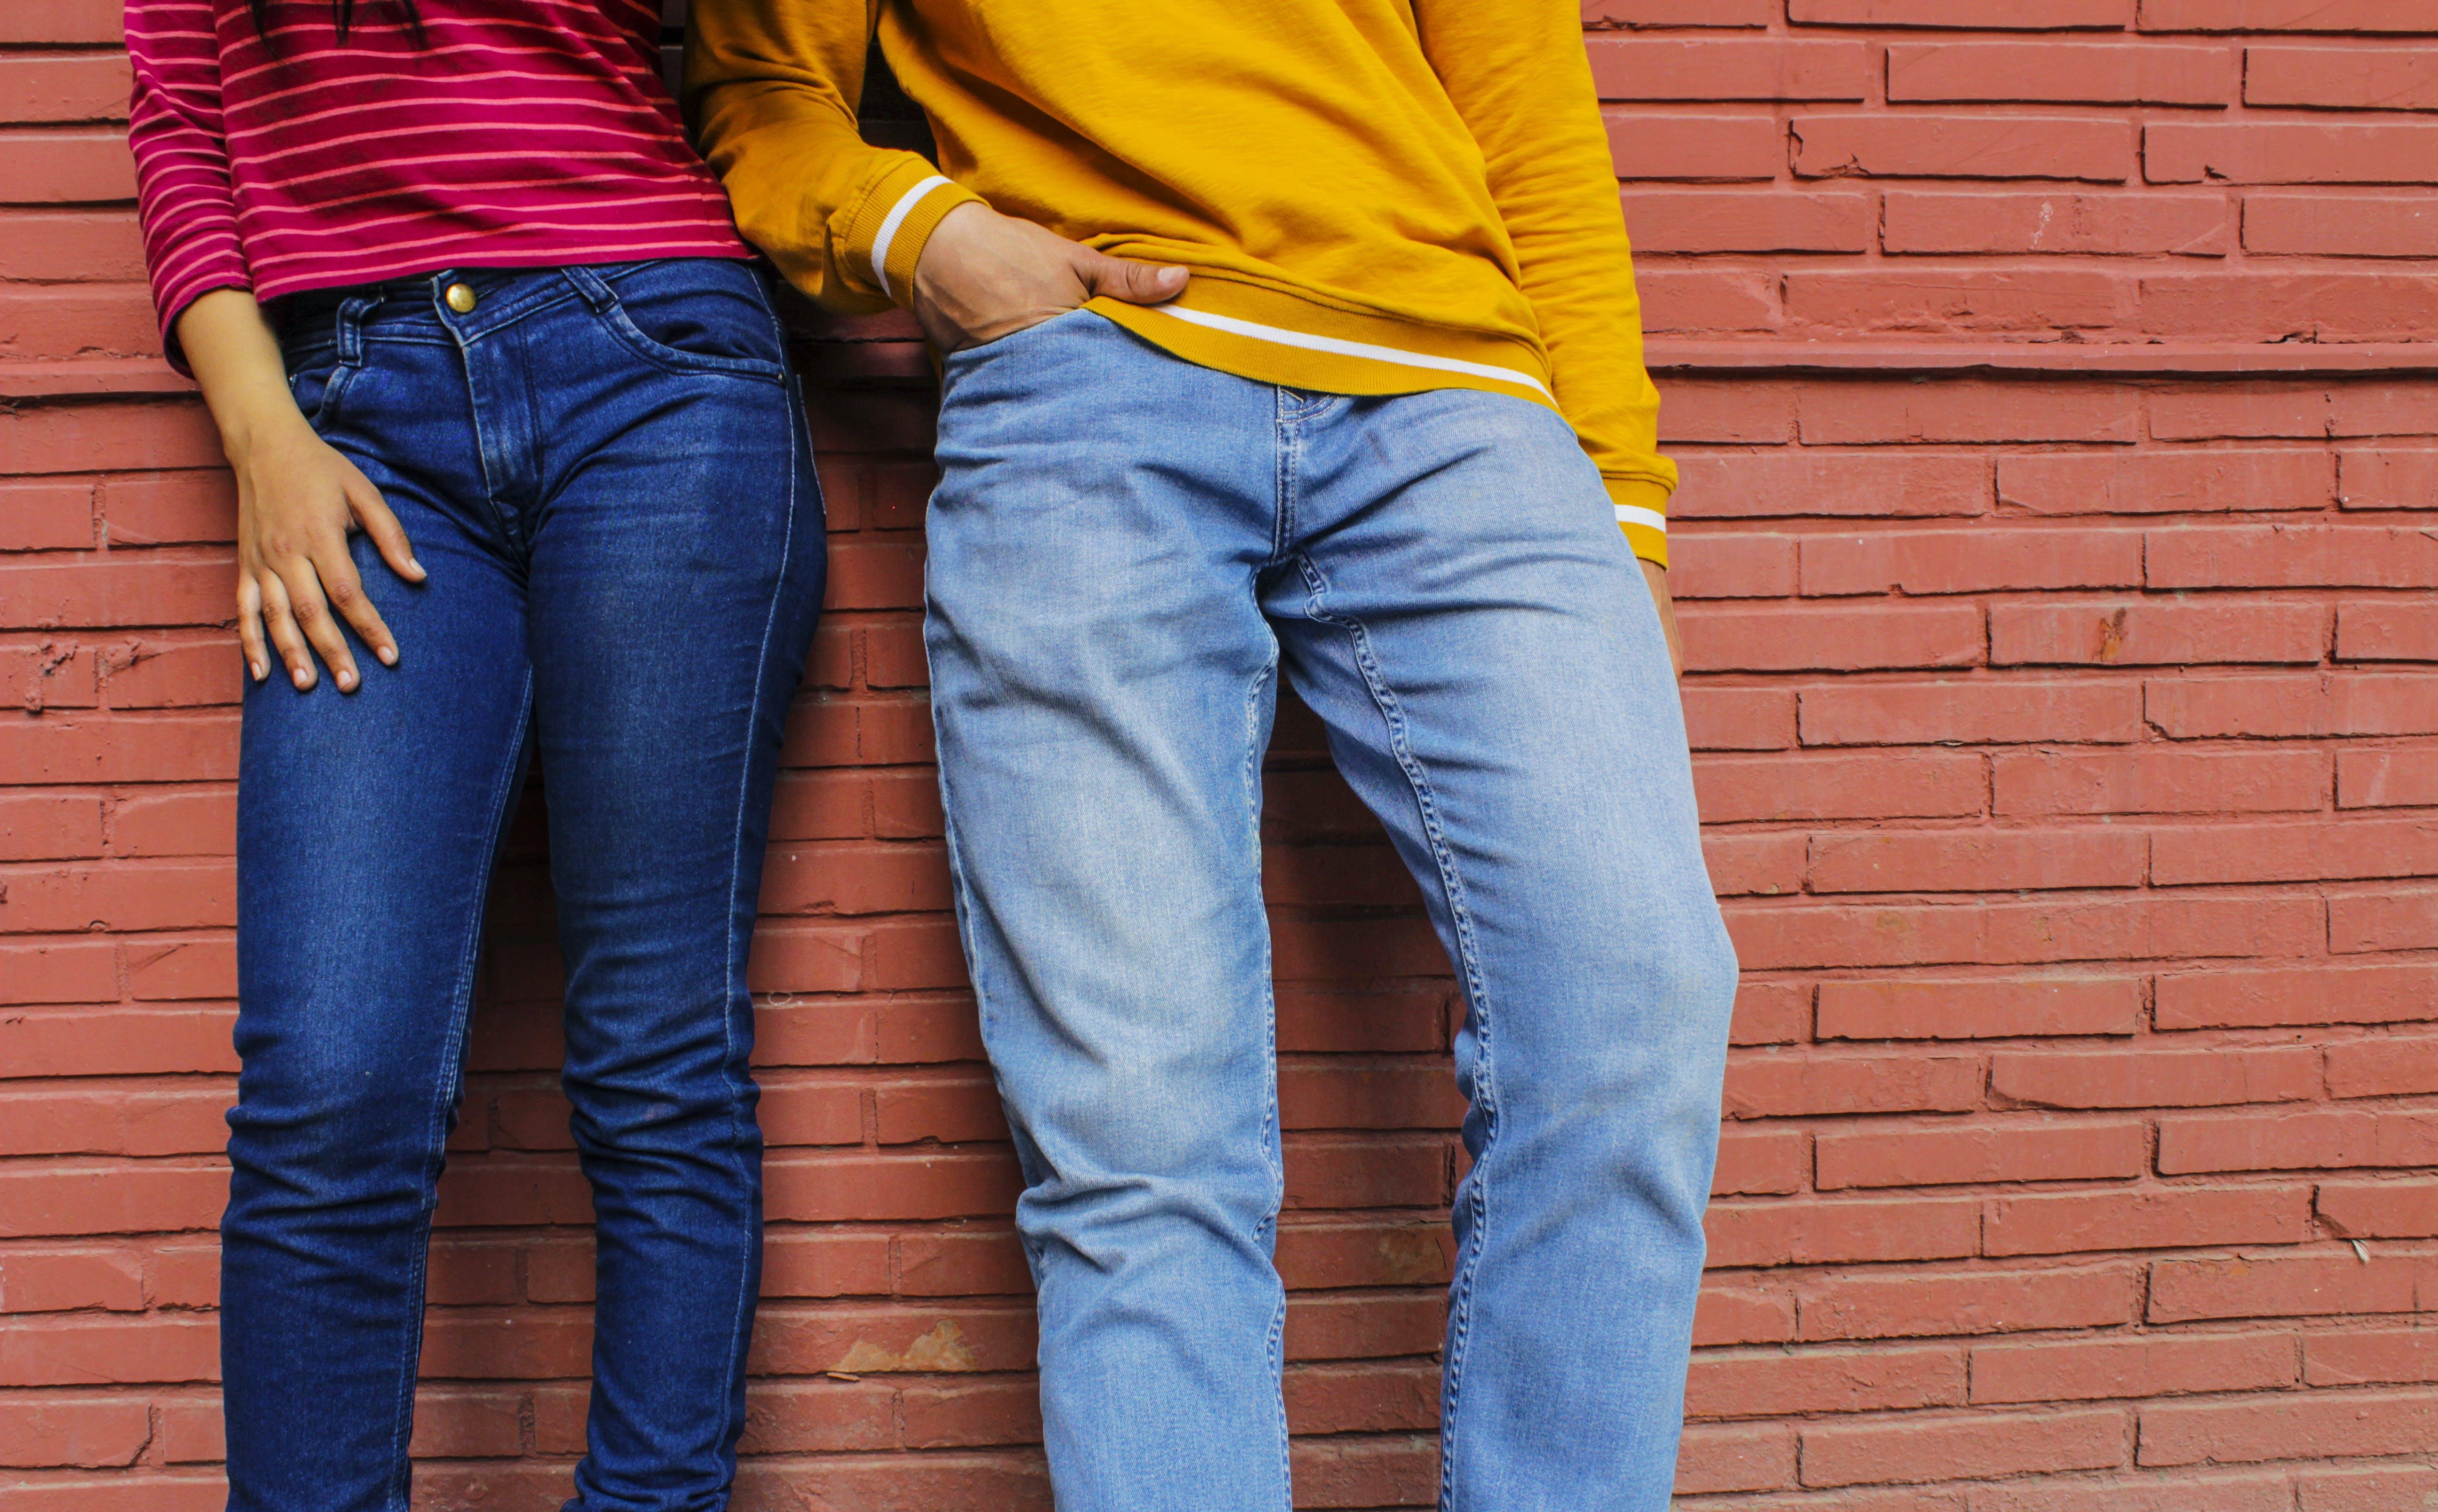 Gratis lagerfoto af afslappet, afslappet tøj, beklædning, blå jeans